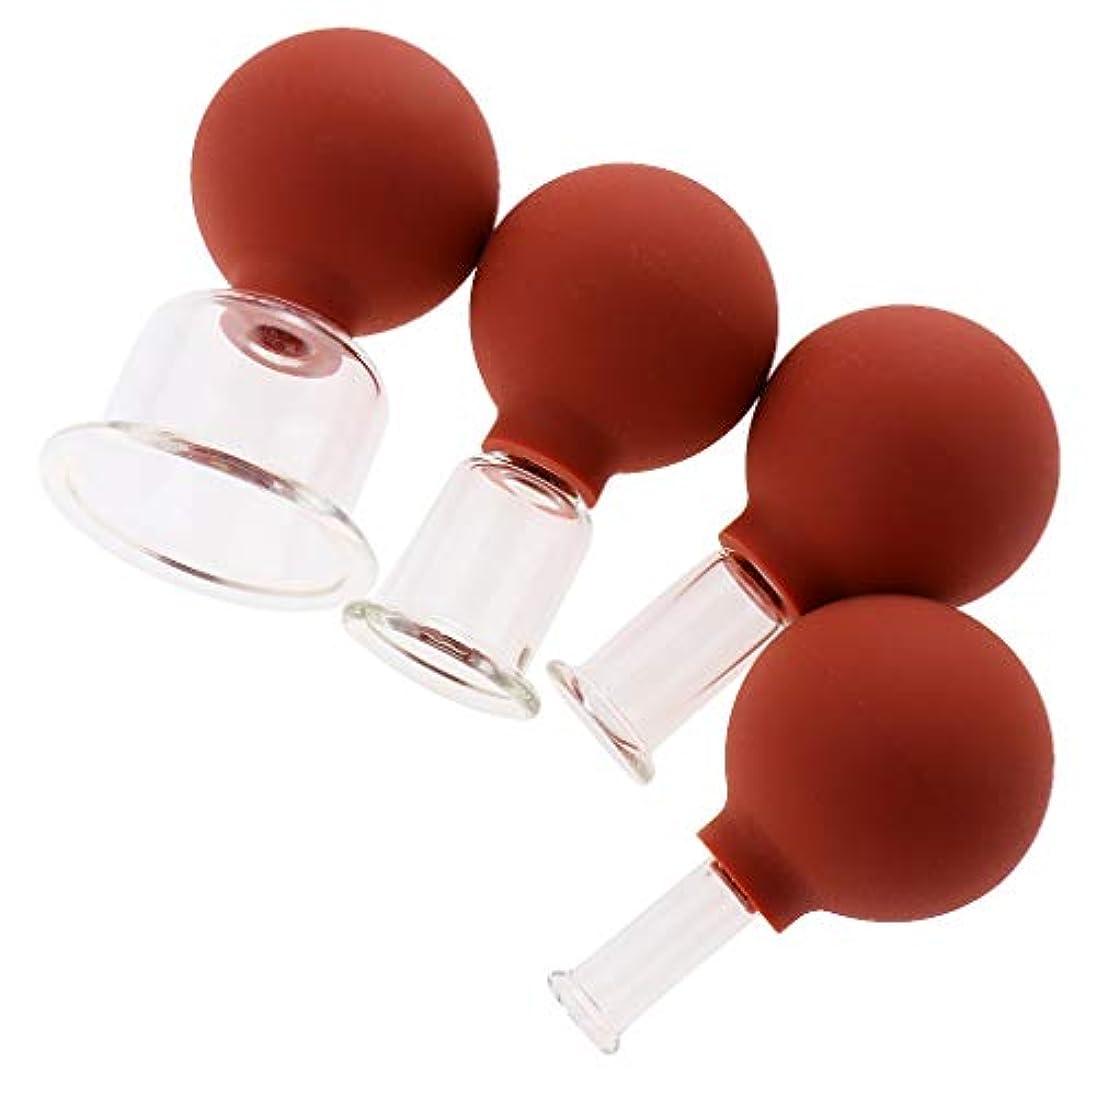 実用的安定しました教義CUTICATE 全3色 マッサージカップ ガラスカッピング 吸い玉 マッサージ カッピングセット 4個入 - 赤茶色